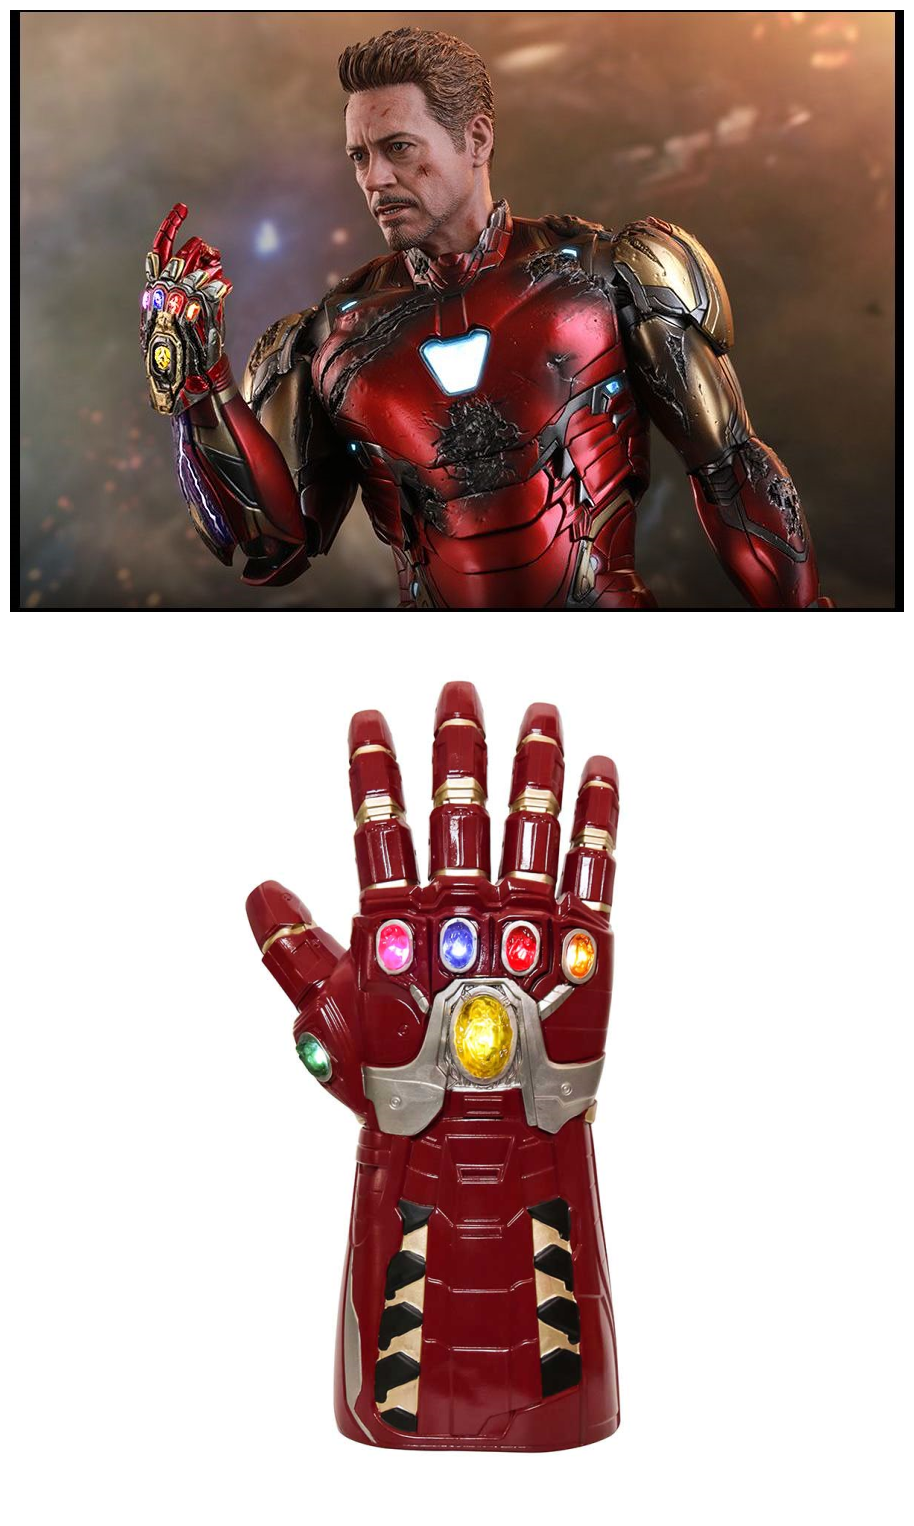 Avengers 4 Endgame Iron Man Tony Stark Red Led Gloves Light Up Infinity Gauntlet Replica Takerlama Avengers Iron Man Tony Stark Iron Man